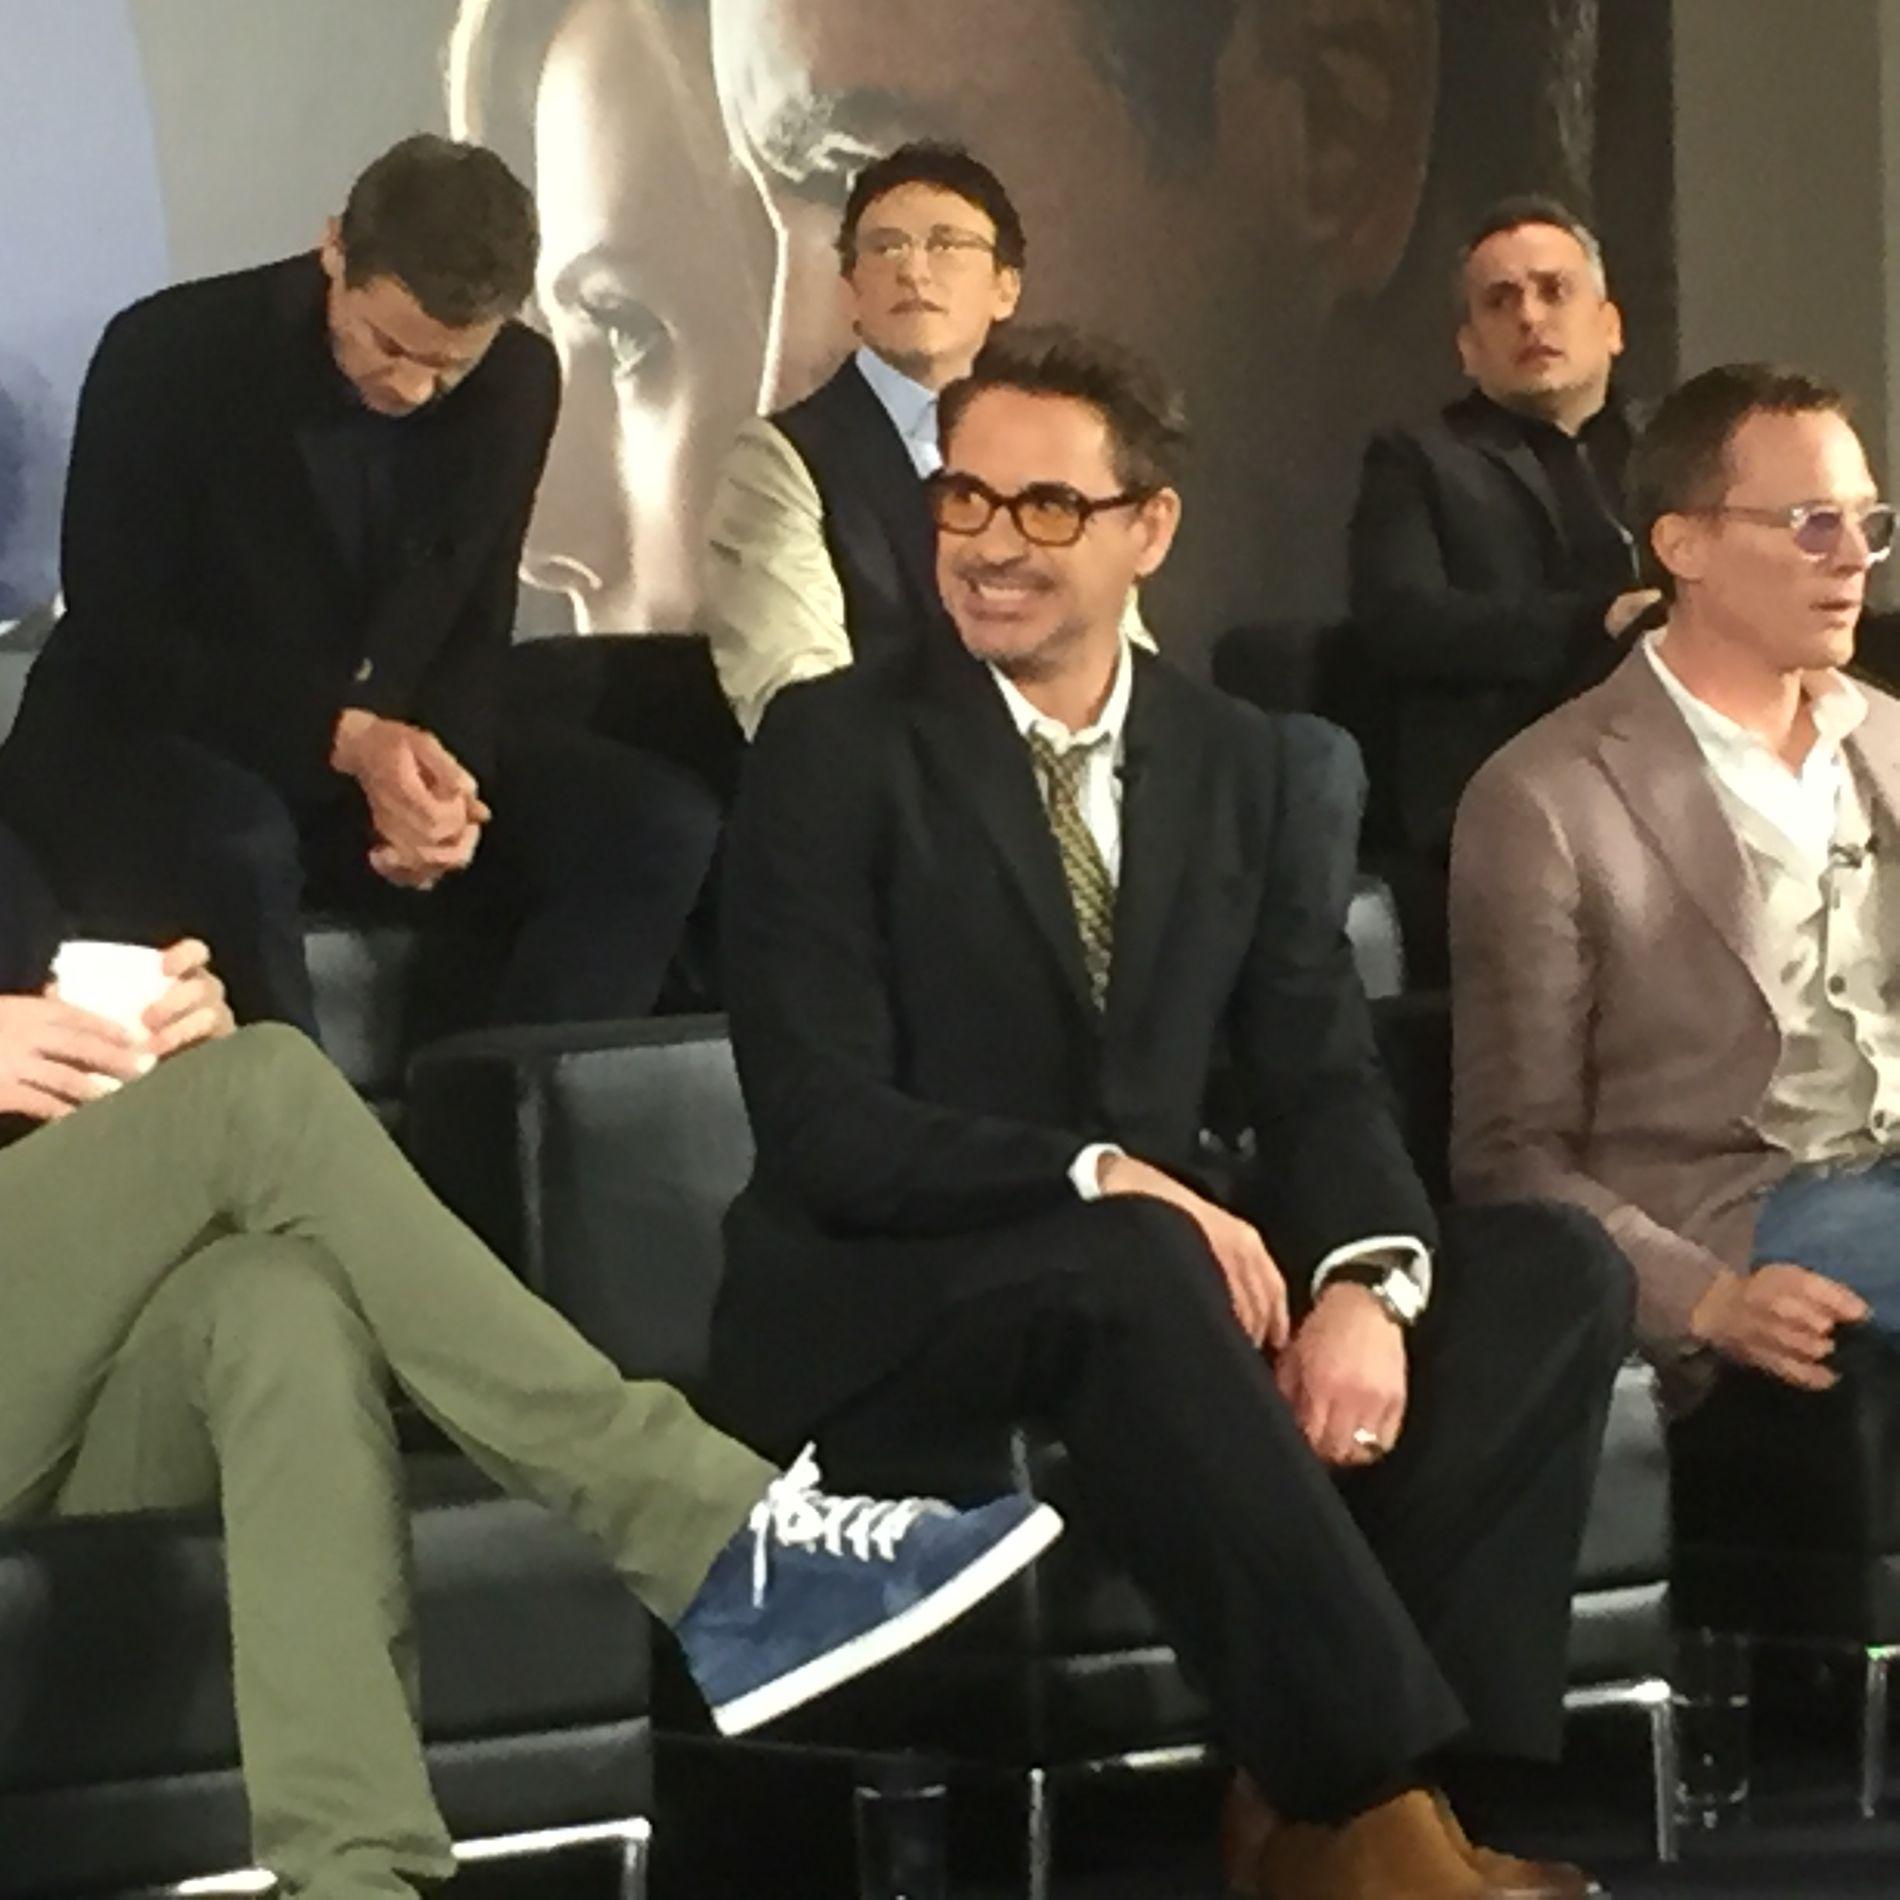 MIDTPUNKTET: Robert Downey Jr. ved siden av Paul Bettany på pressekonferansen i London mandag.